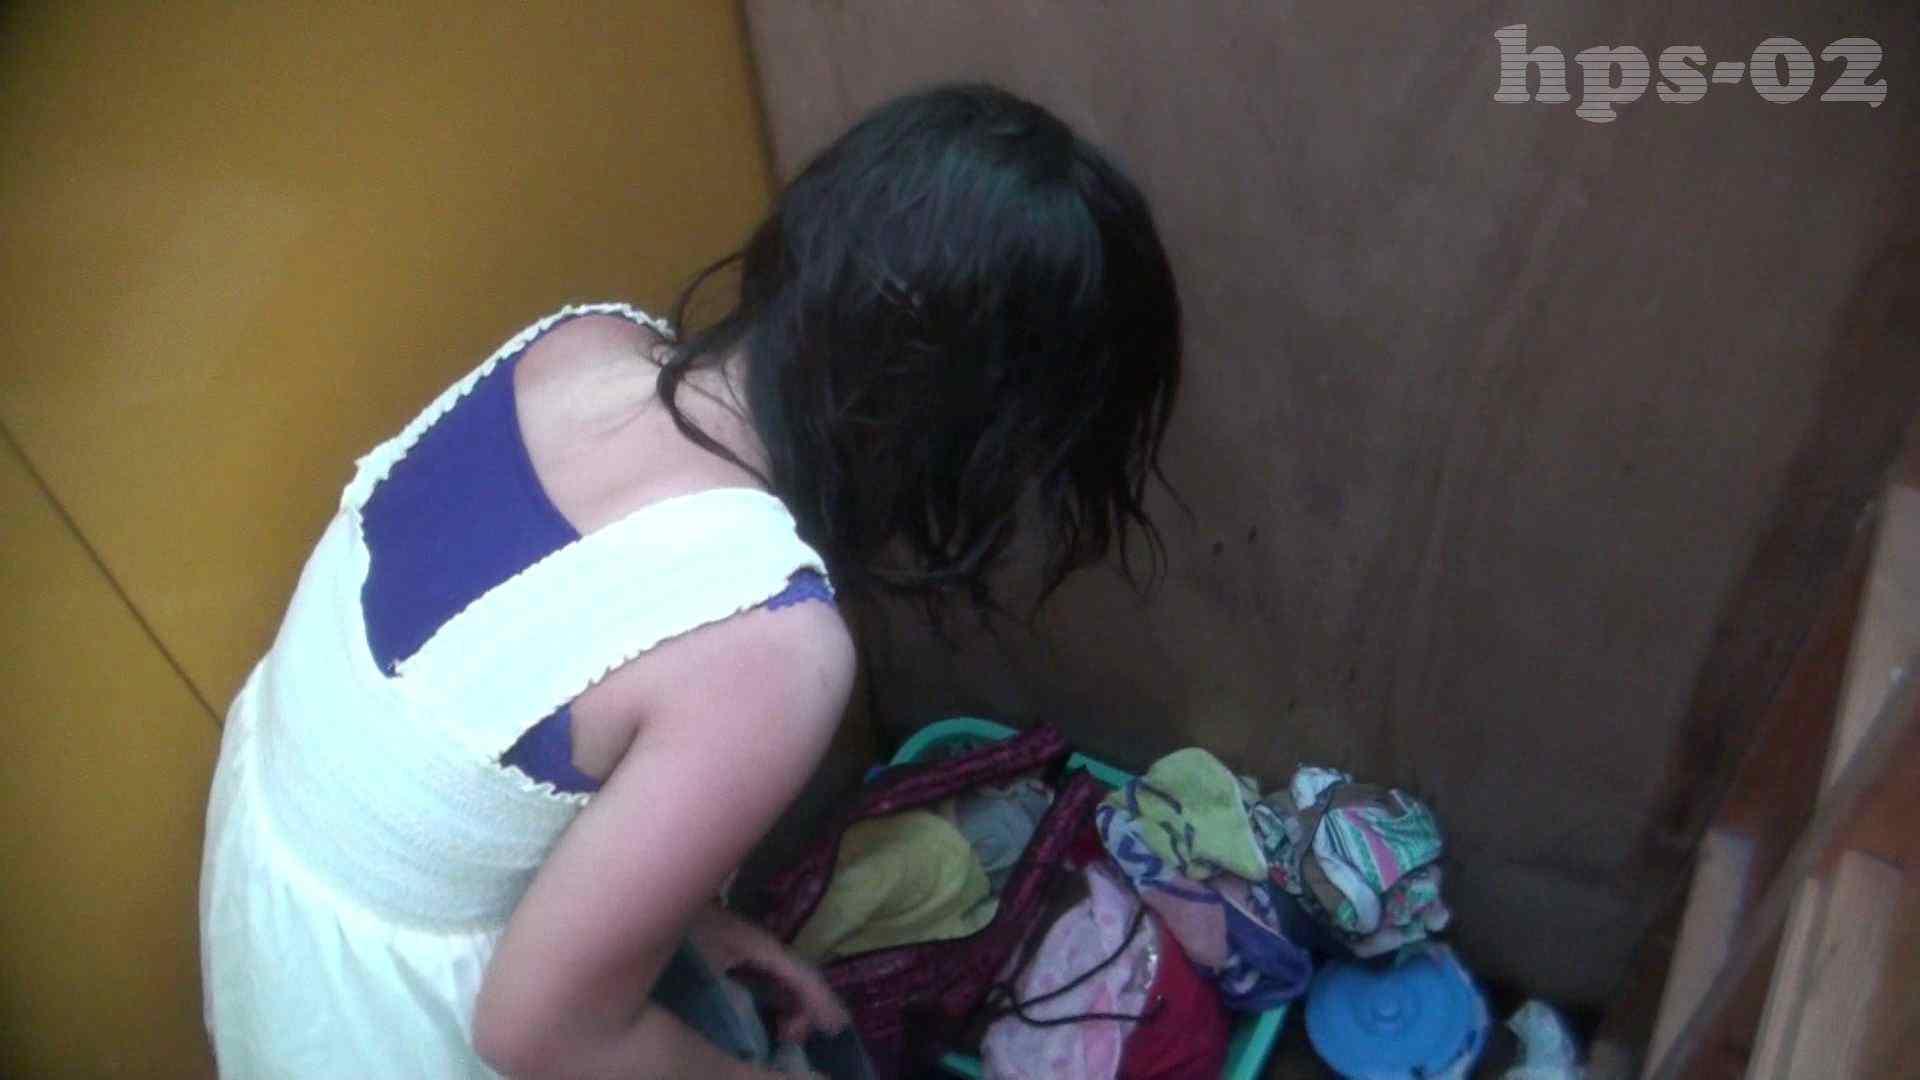 シャワールームは超!!危険な香りVol.2 カメラに目線をやるのですがまったく気が付きません。 OLヌード天国  84PIX 84